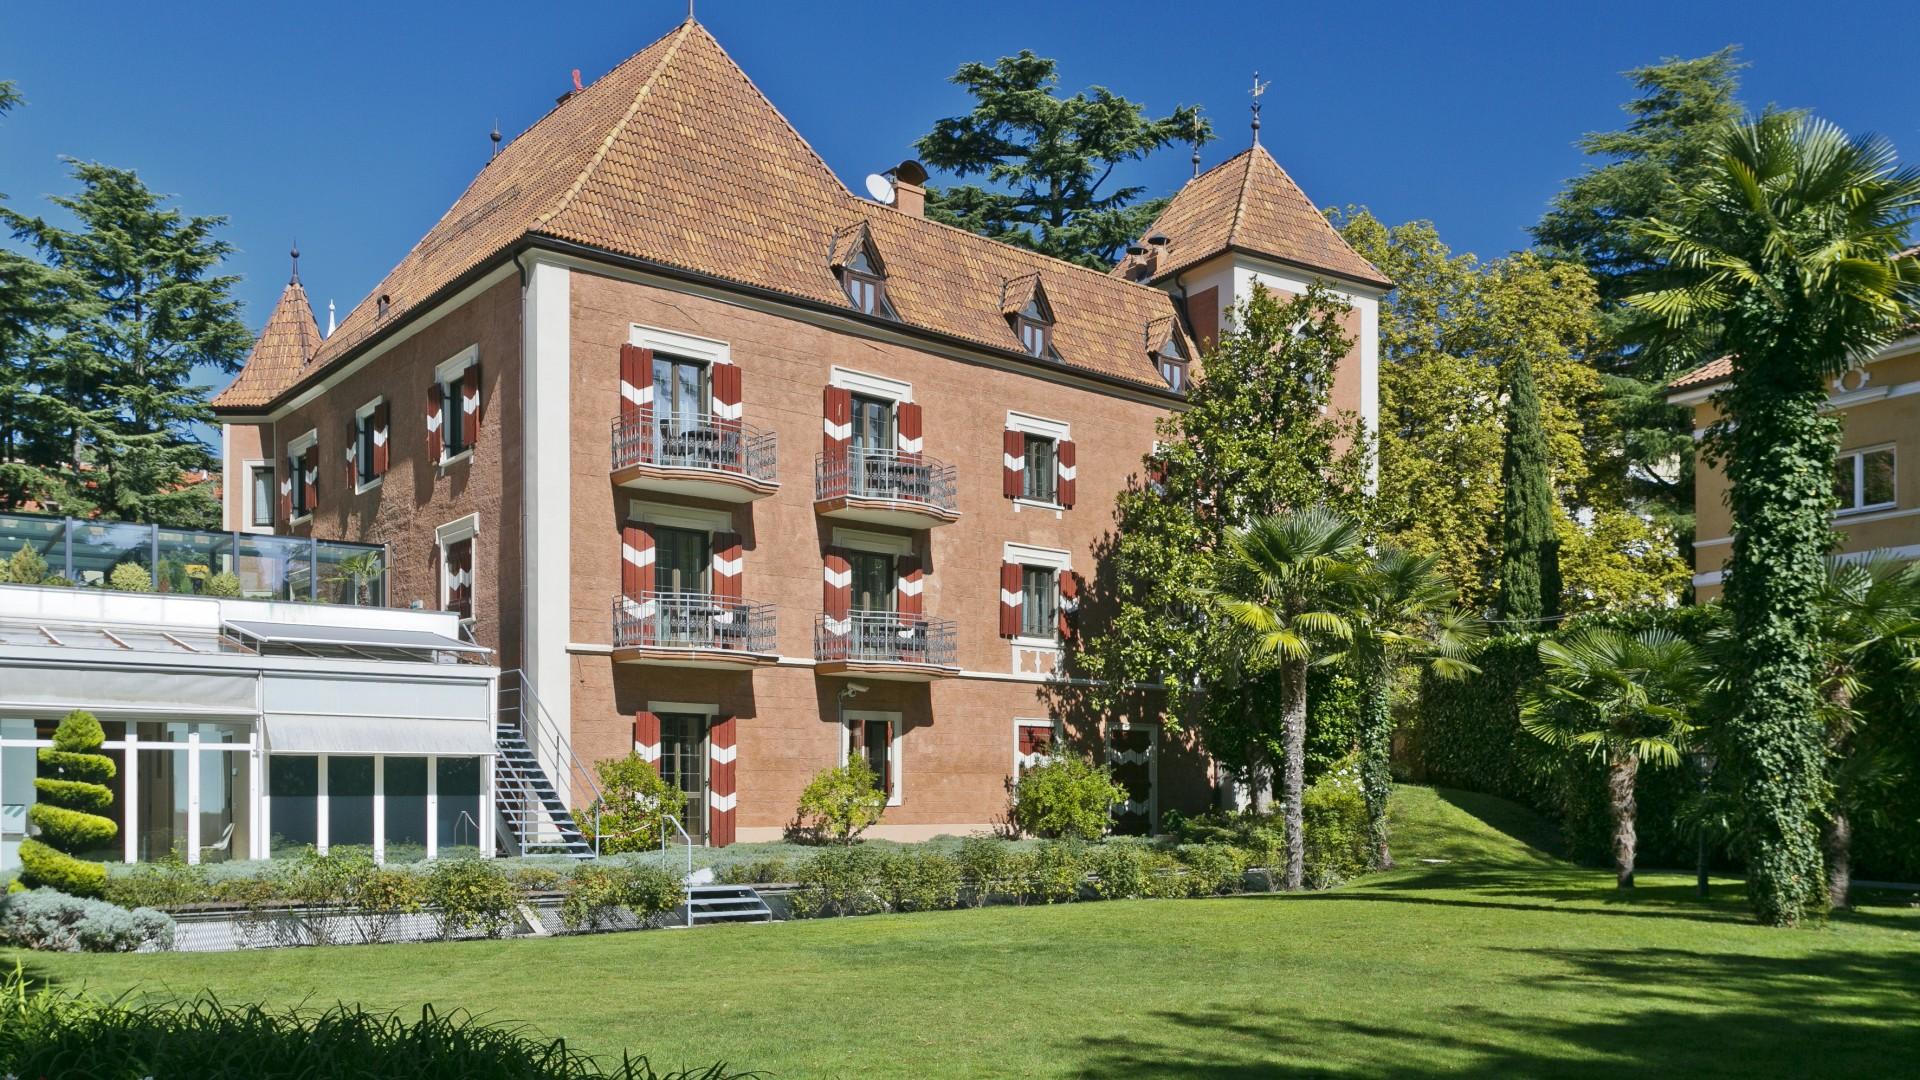 Palace Merano, Espace Henri Chenot hotel, Merano, Italy